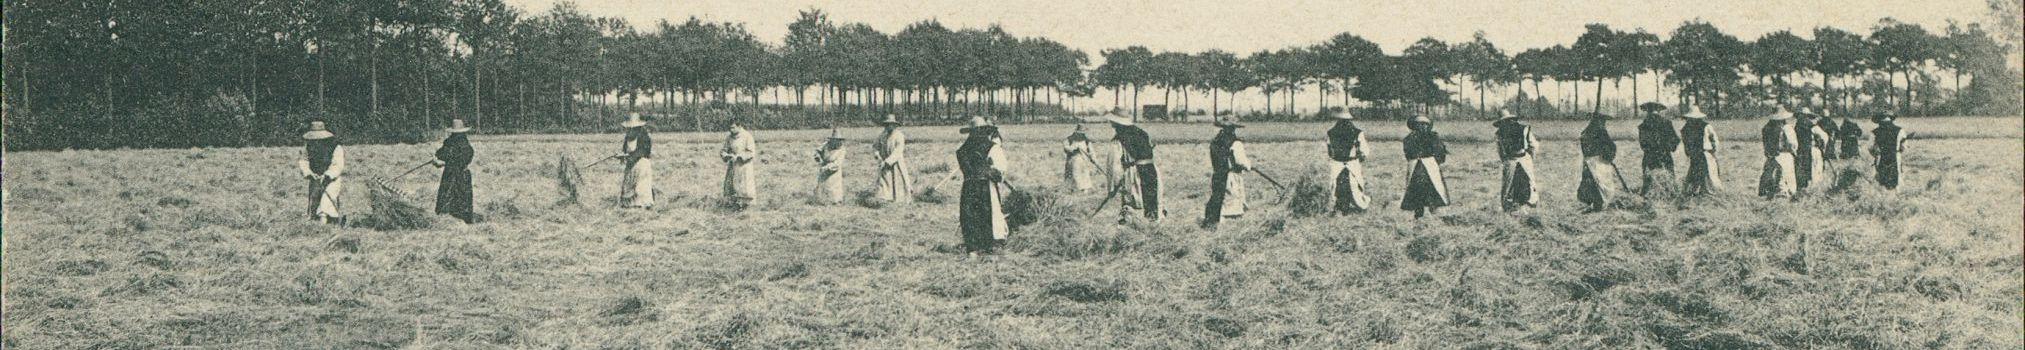 monaci trappisti al lavoro nel campo